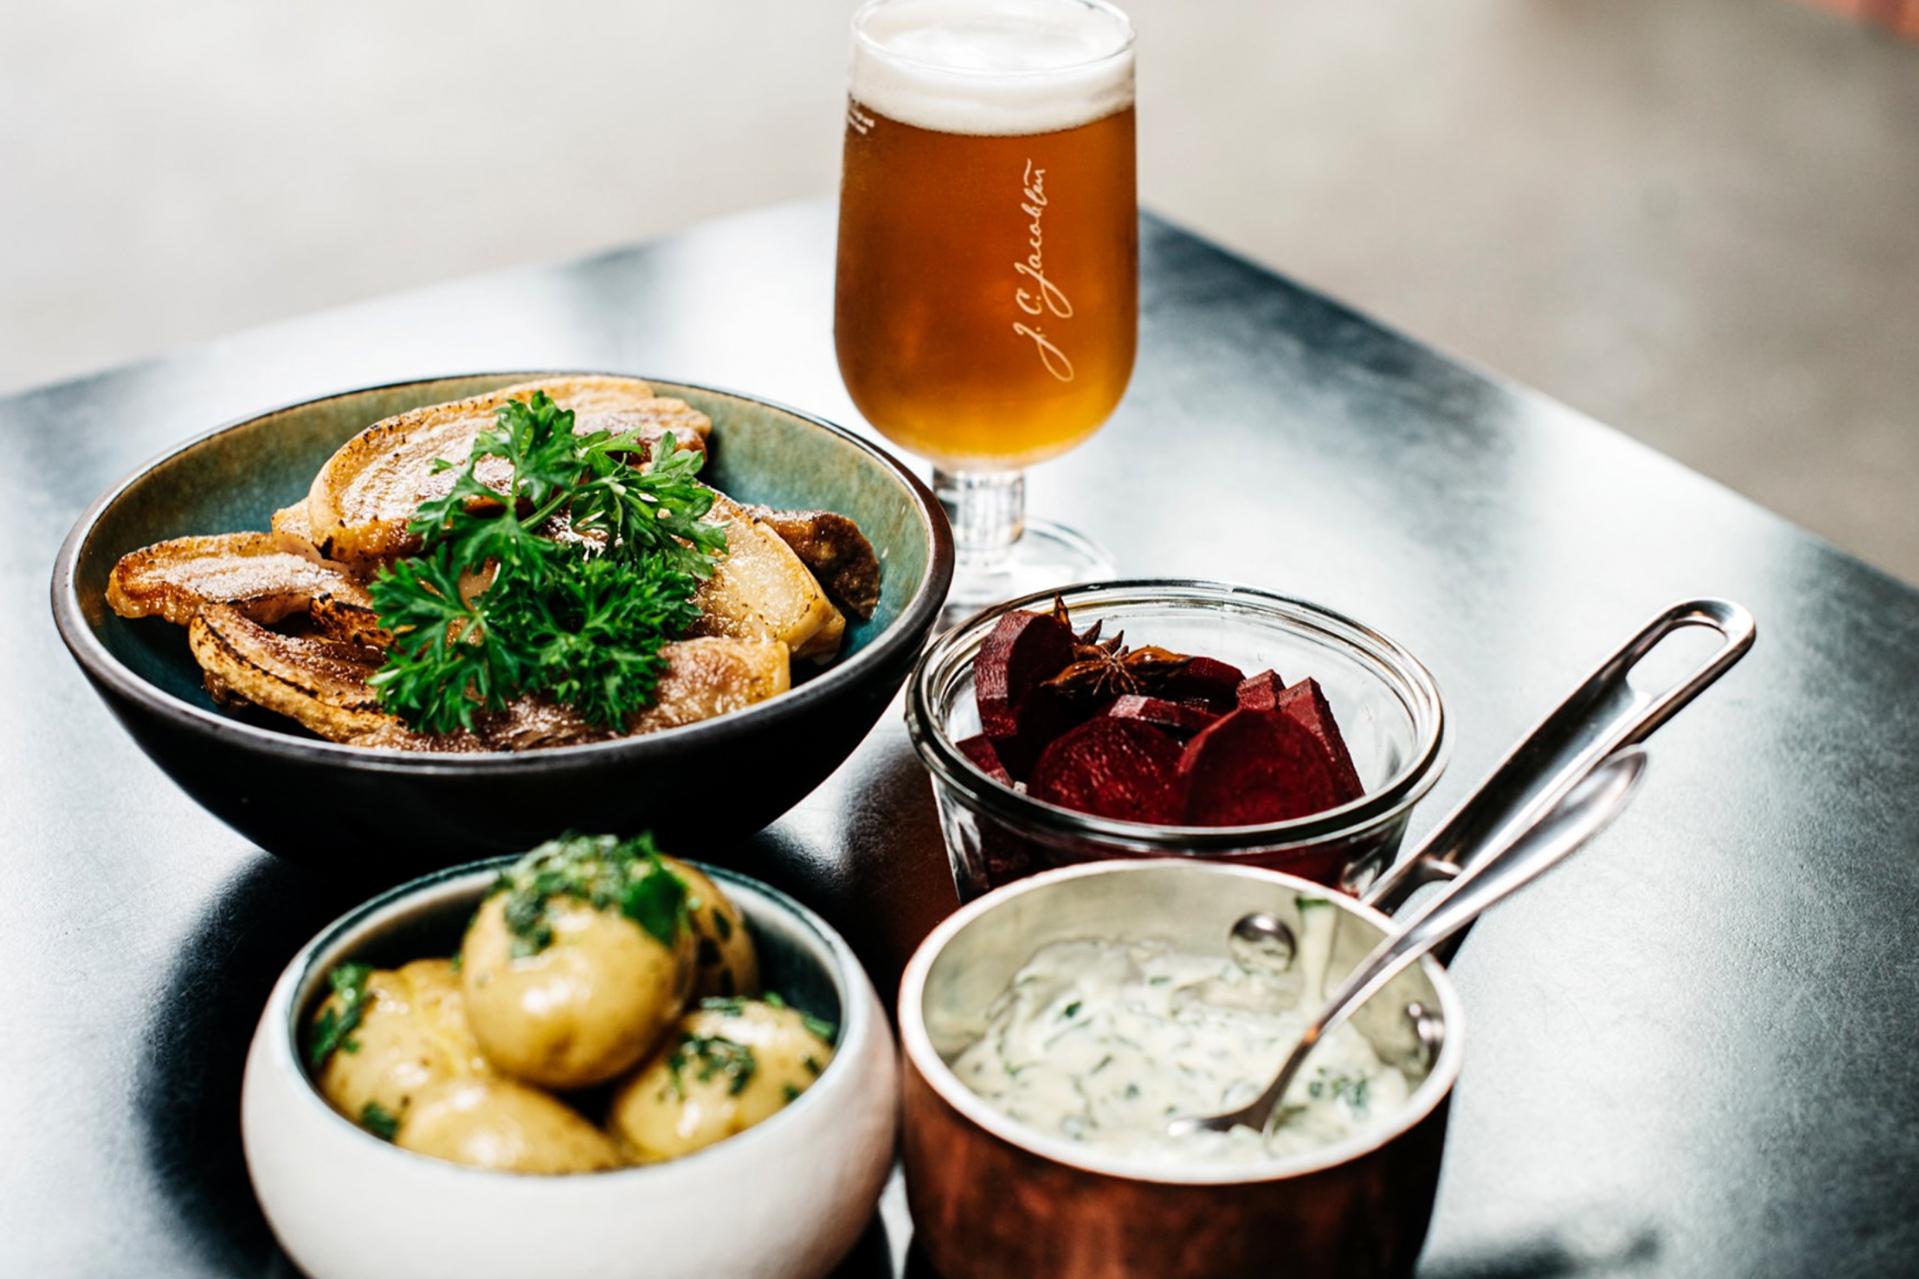 Spiselauget på Godsbanen: Spis flæsk og drik øl til du revner